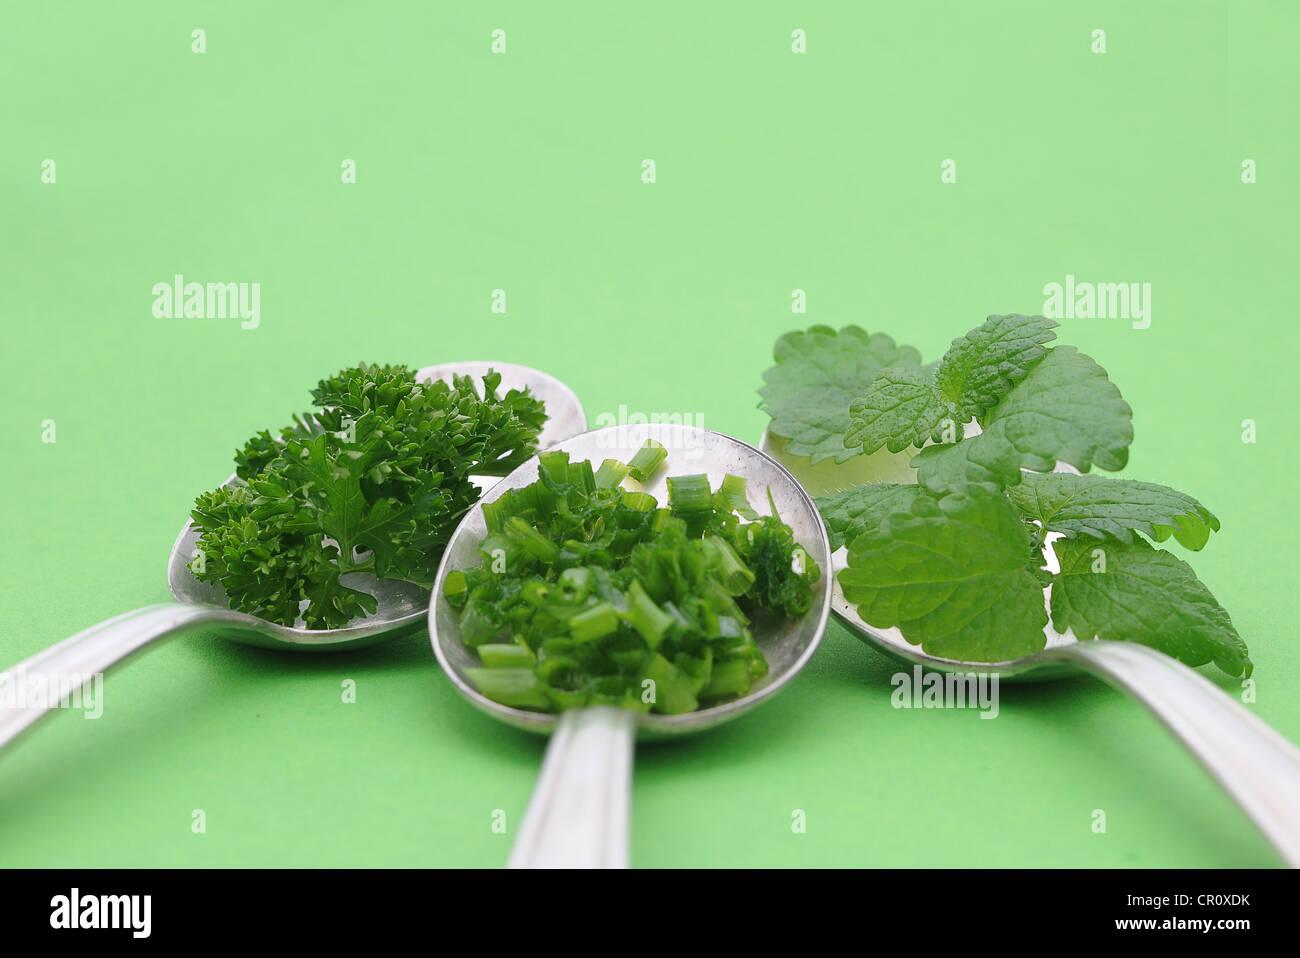 Erbe aromatiche fresche, prezzemolo, erba cipollina, menta, sul vecchio cucchiai Immagini Stock